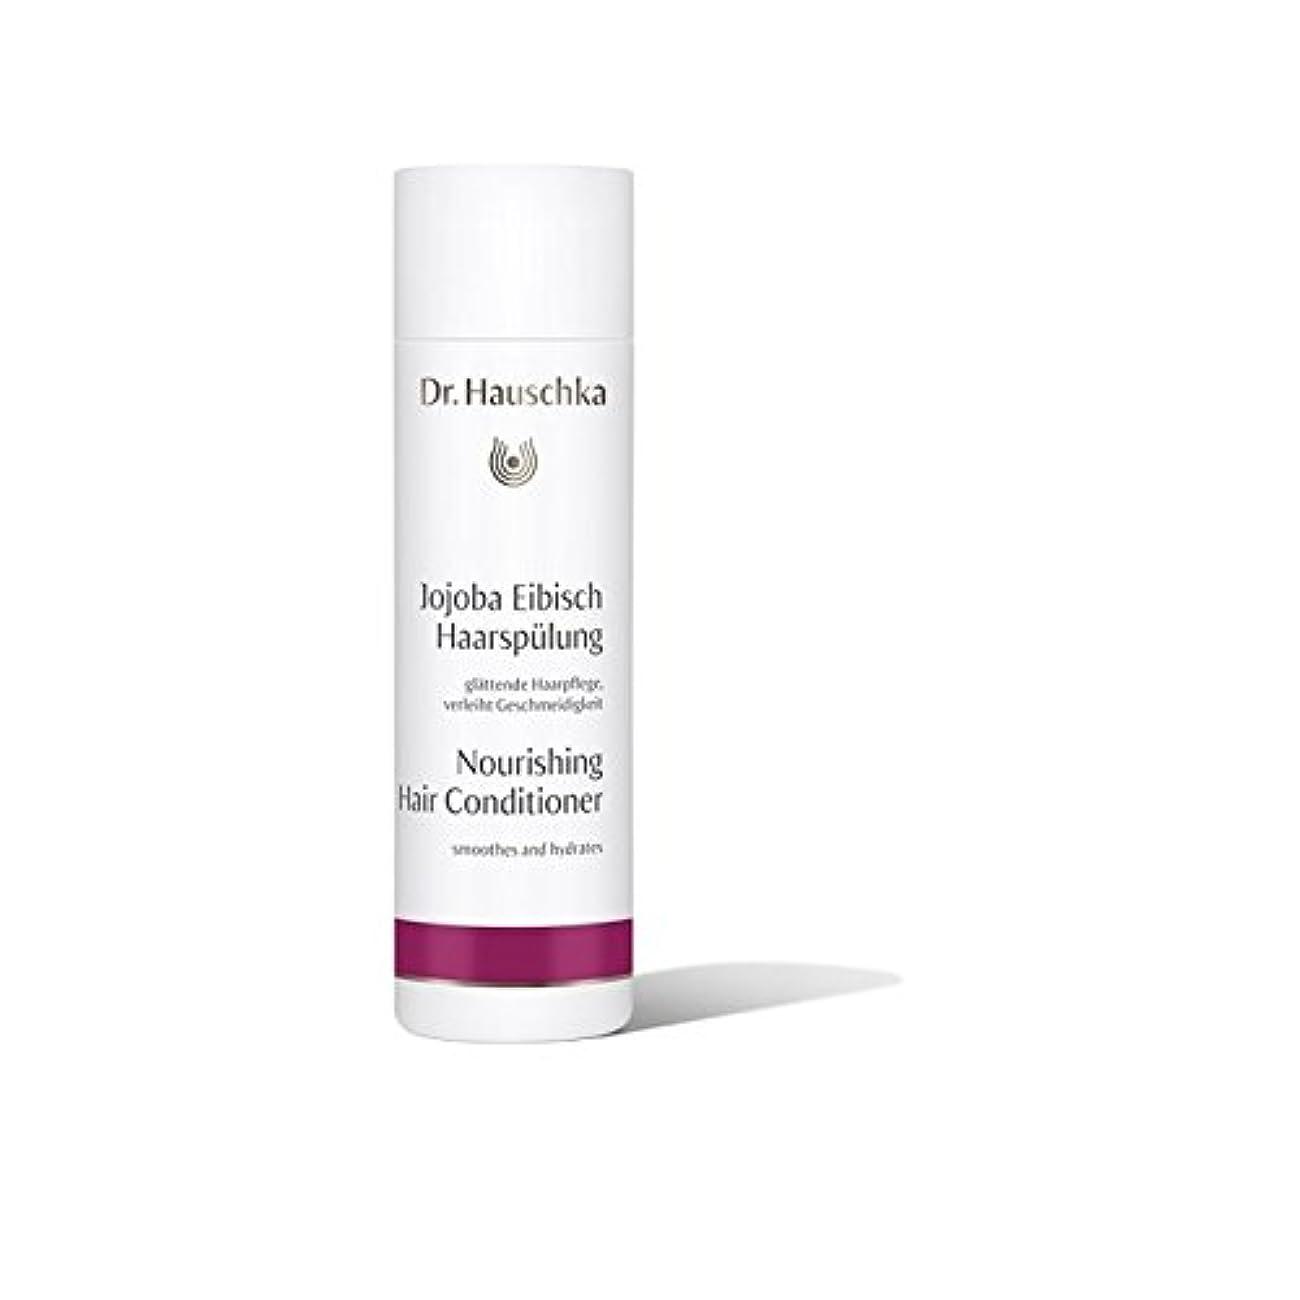 外科医櫛憂鬱なハウシュカ栄養ヘアコンディショナー(200ミリリットル) x4 - Dr. Hauschka Nourishing Hair Conditioner (200ml) (Pack of 4) [並行輸入品]